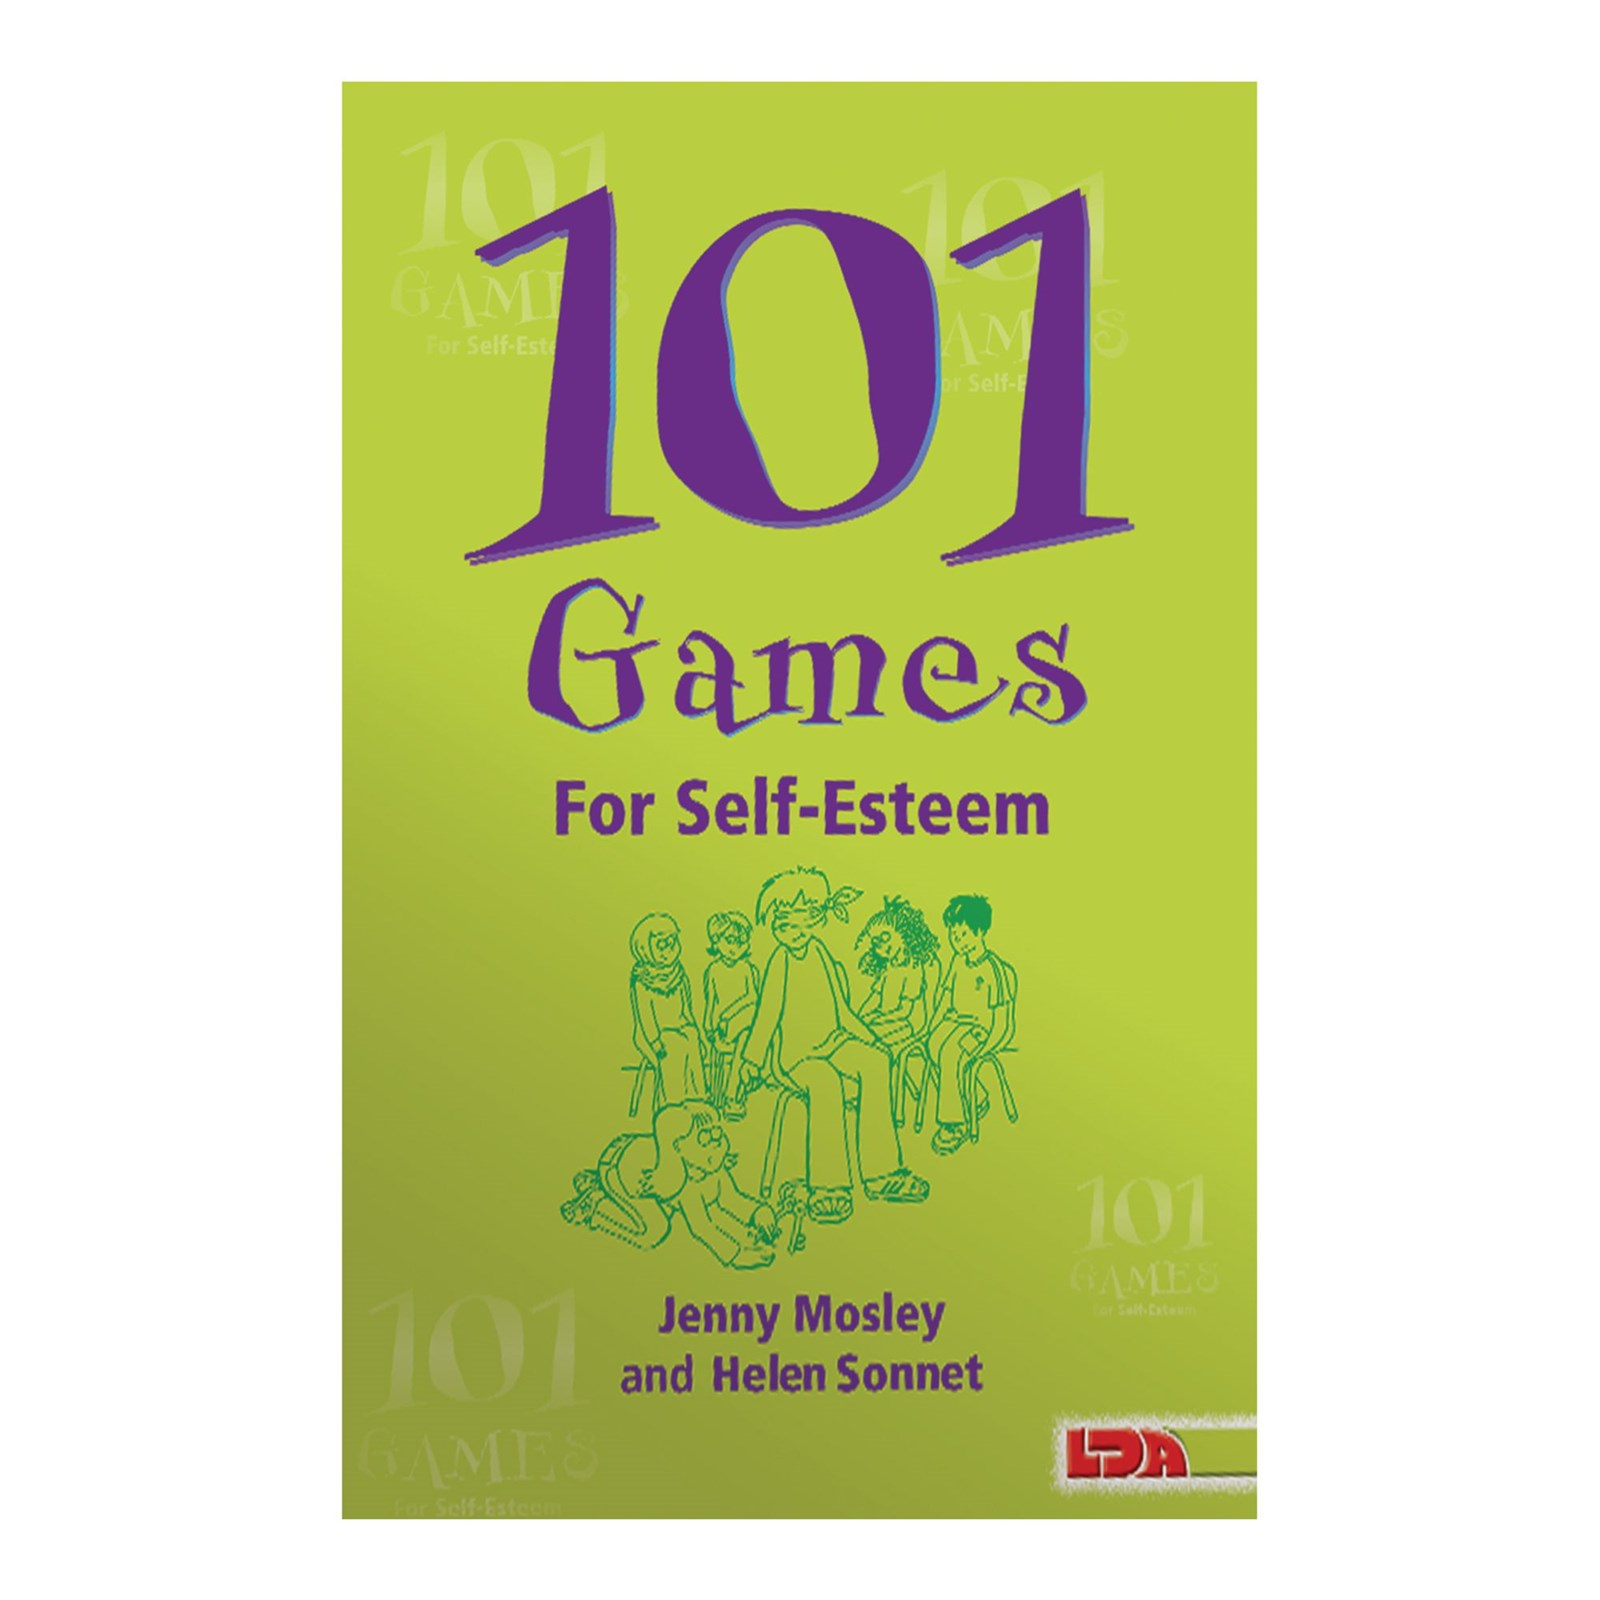 101 Games for Self-Esteem